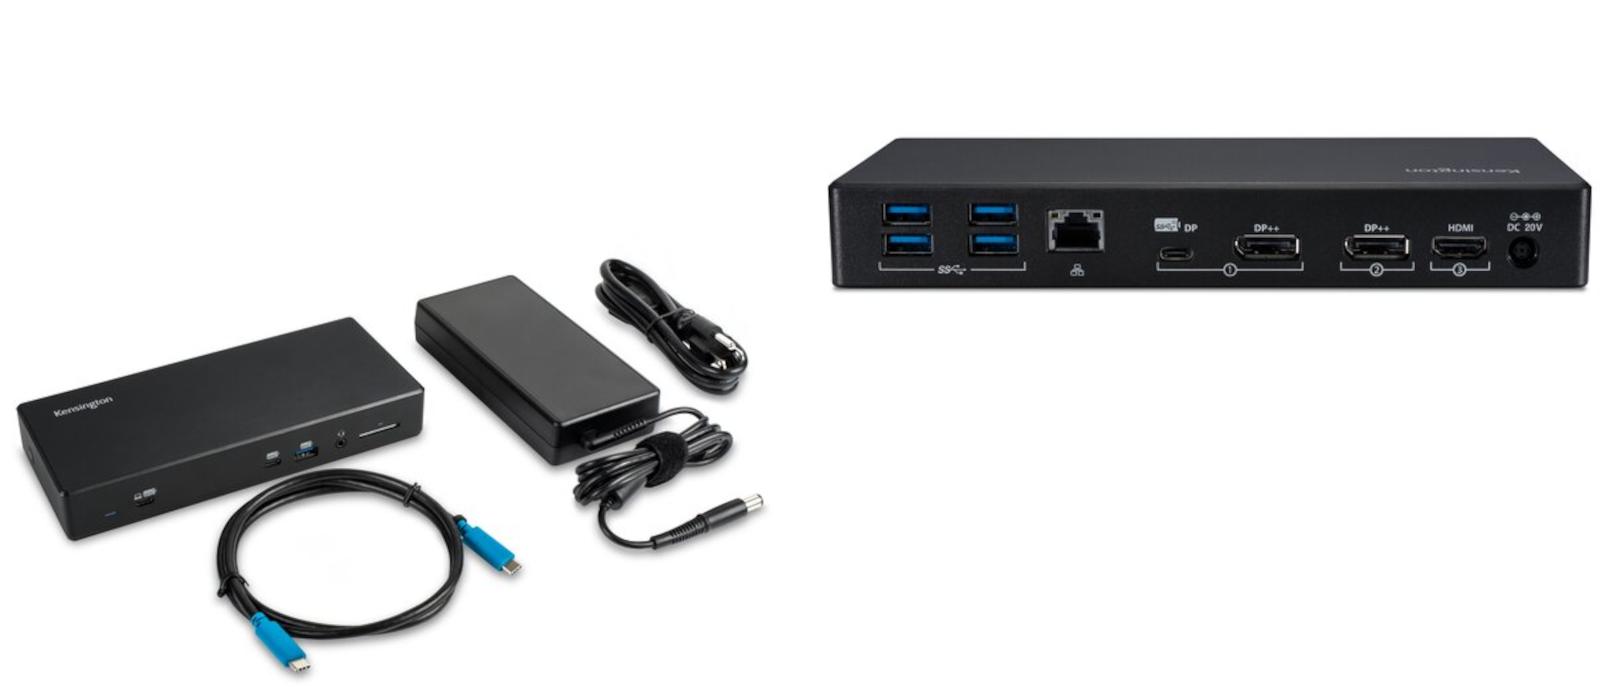 Zwei Bilder zeigen die Gesamtansicht der Kensington USB-C & USB-A Dualen 4K Dockingstation inklusive Kabeln sowie die Rückansicht der Dockingstation